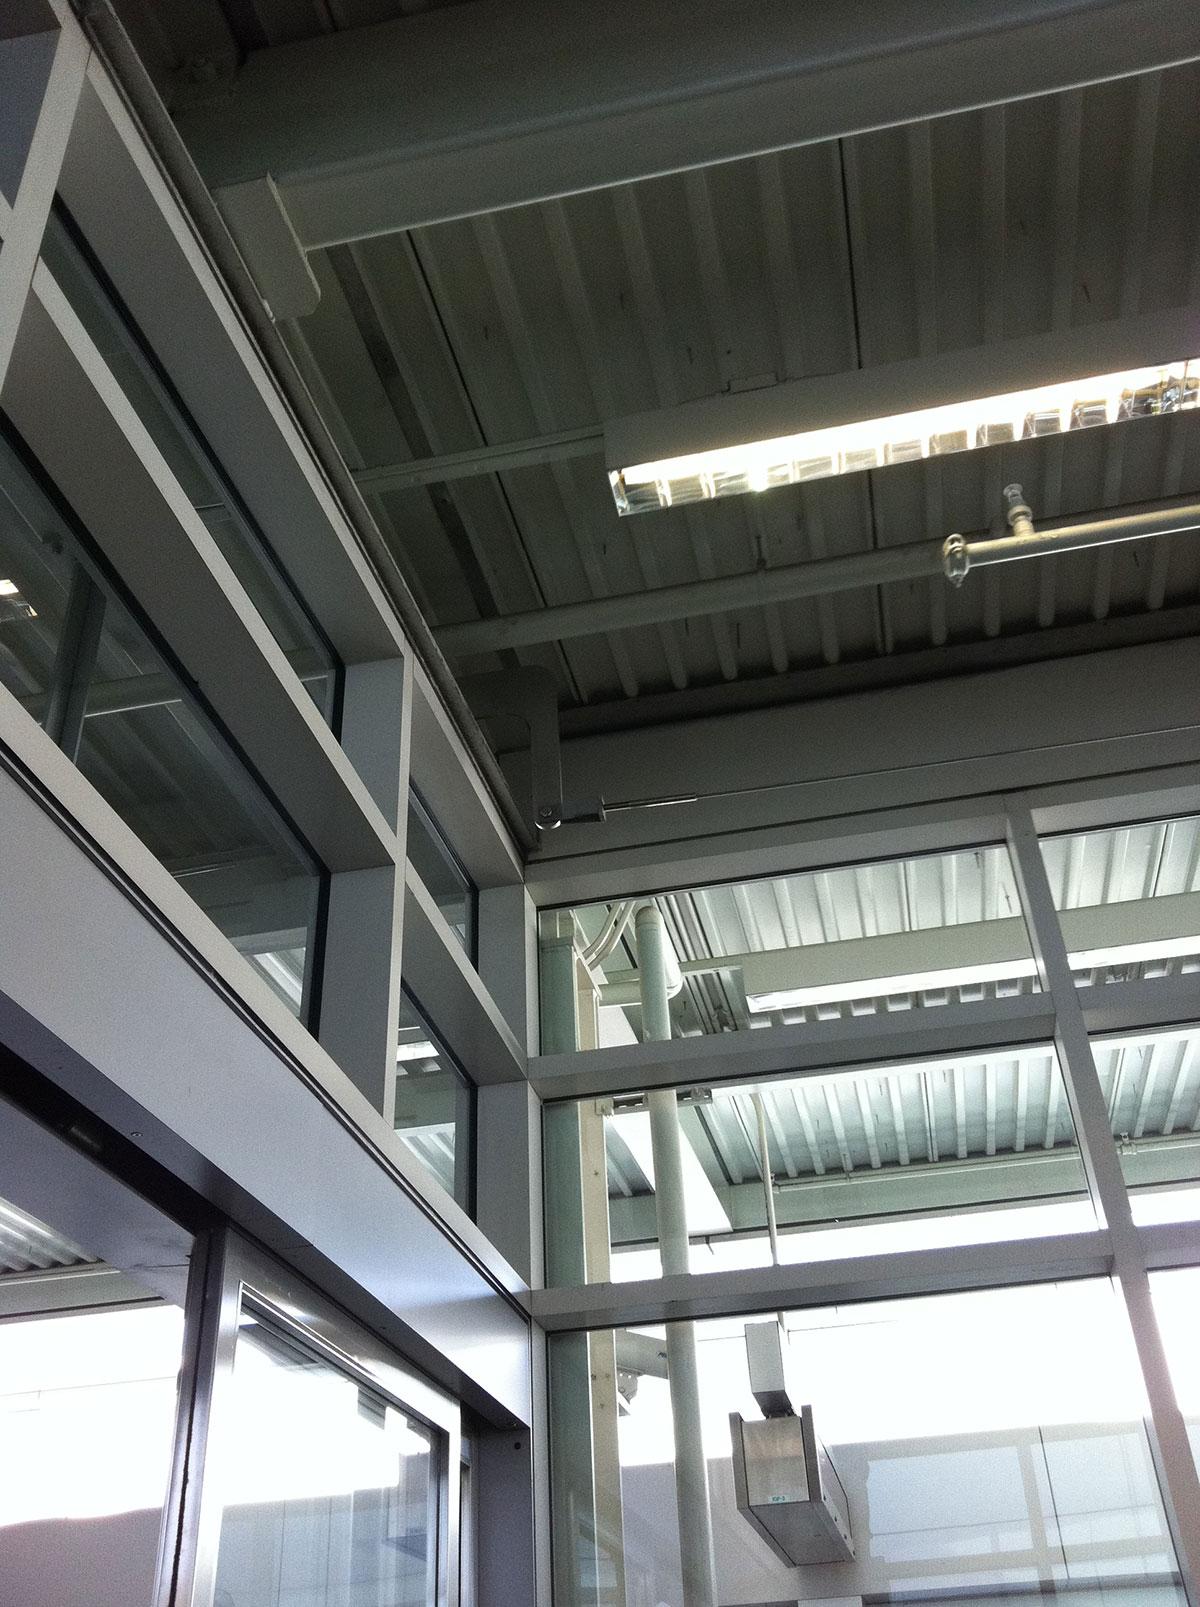 AirportEscalator-3-1200